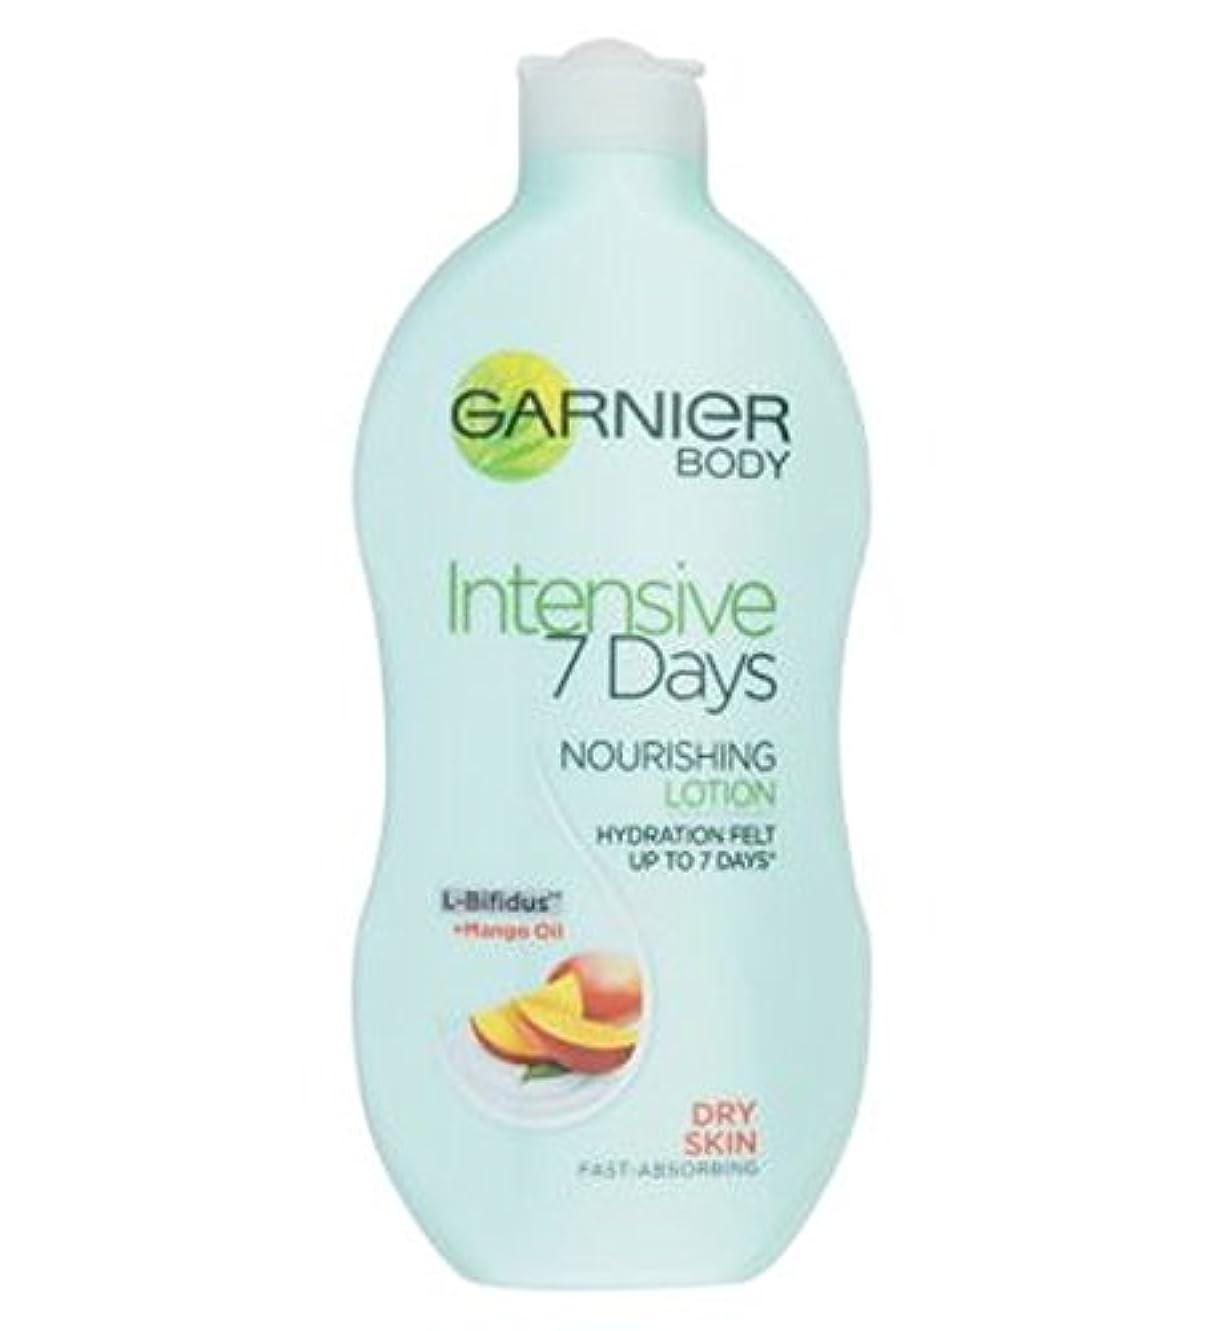 打ち上げる苦しみ公平Garnier Intensive 7 Days Daily Body Lotion with nourishing Mango Oil for Dry Skin 400ml - 乾燥肌の400ミリリットルのための栄養マンゴーオイル...